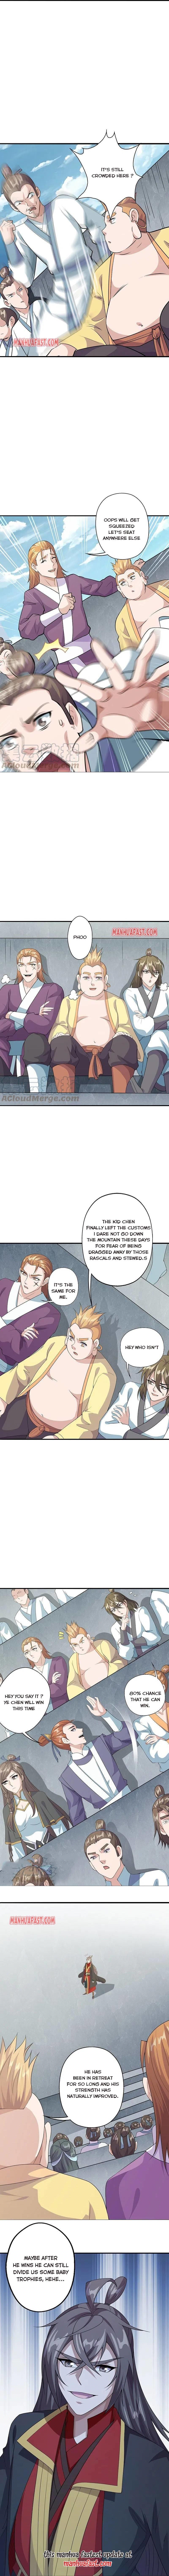 Banished Disciple's Counterattack Chapter 203 page 6 - Mangakakalots.com